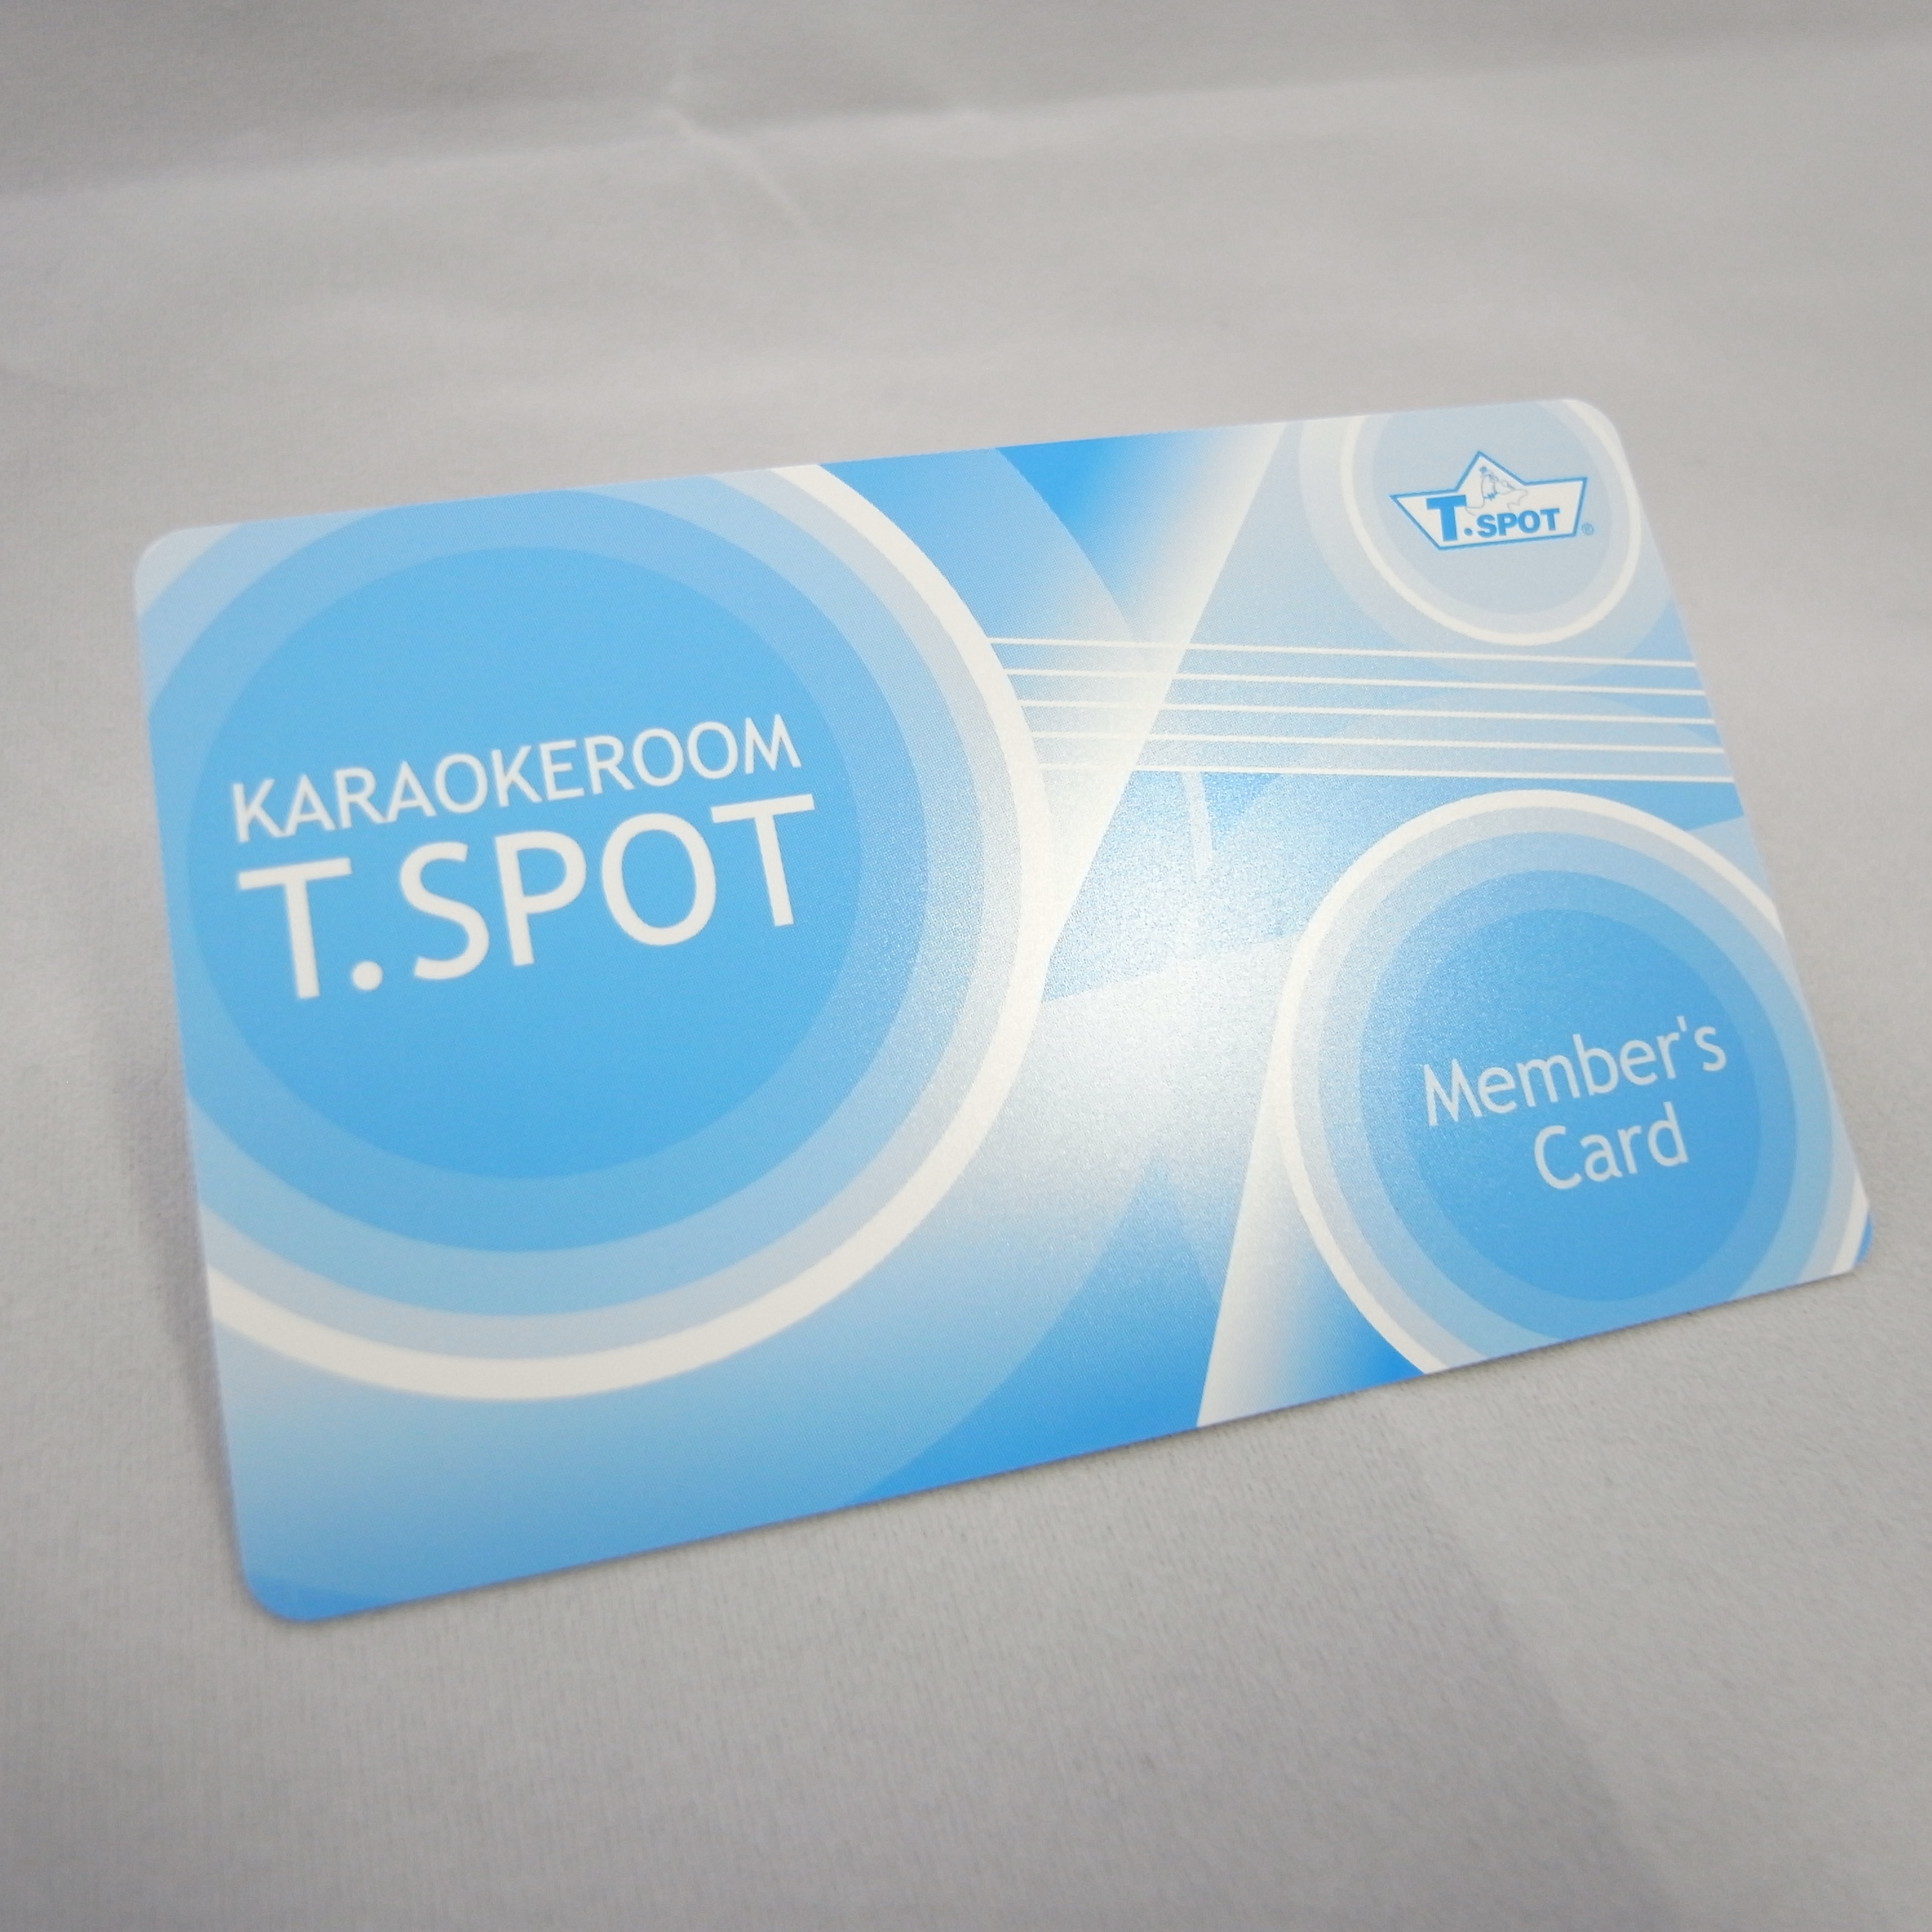 カラオケルームT.SPOT会員カード